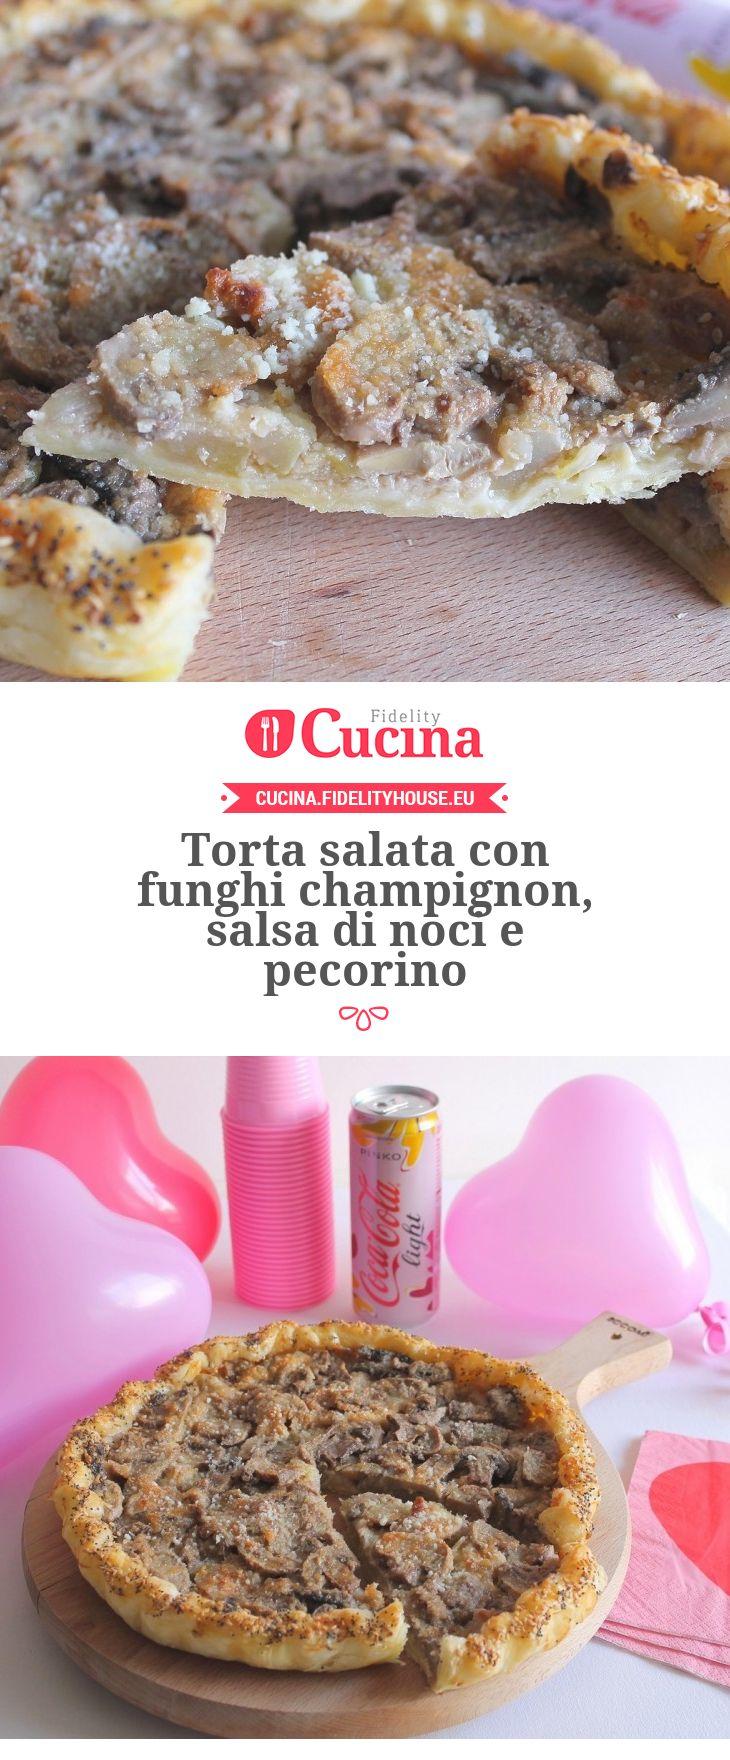 Torta salata con #funghi champignon, salsa di #noci e #pecorino della nostra utente Gloria. Unisciti alla nostra Community ed invia le tue ricette!